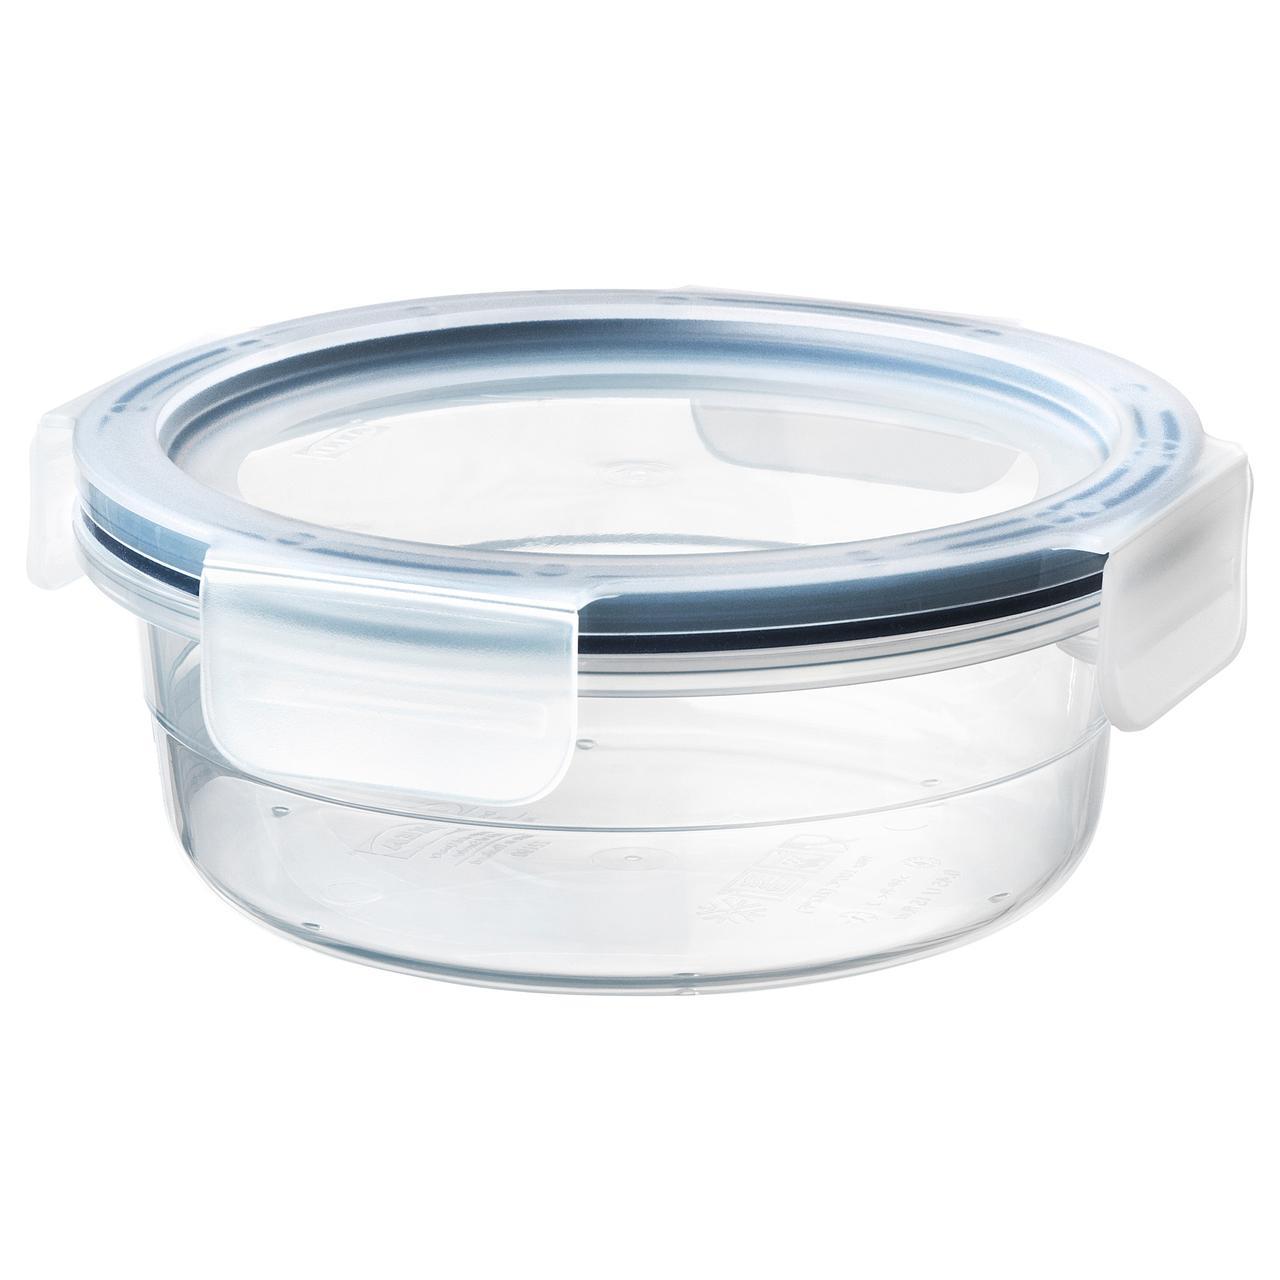 ИКЕА/365+ Контейнер для продуктов с крышкой, круглой формы, пластик